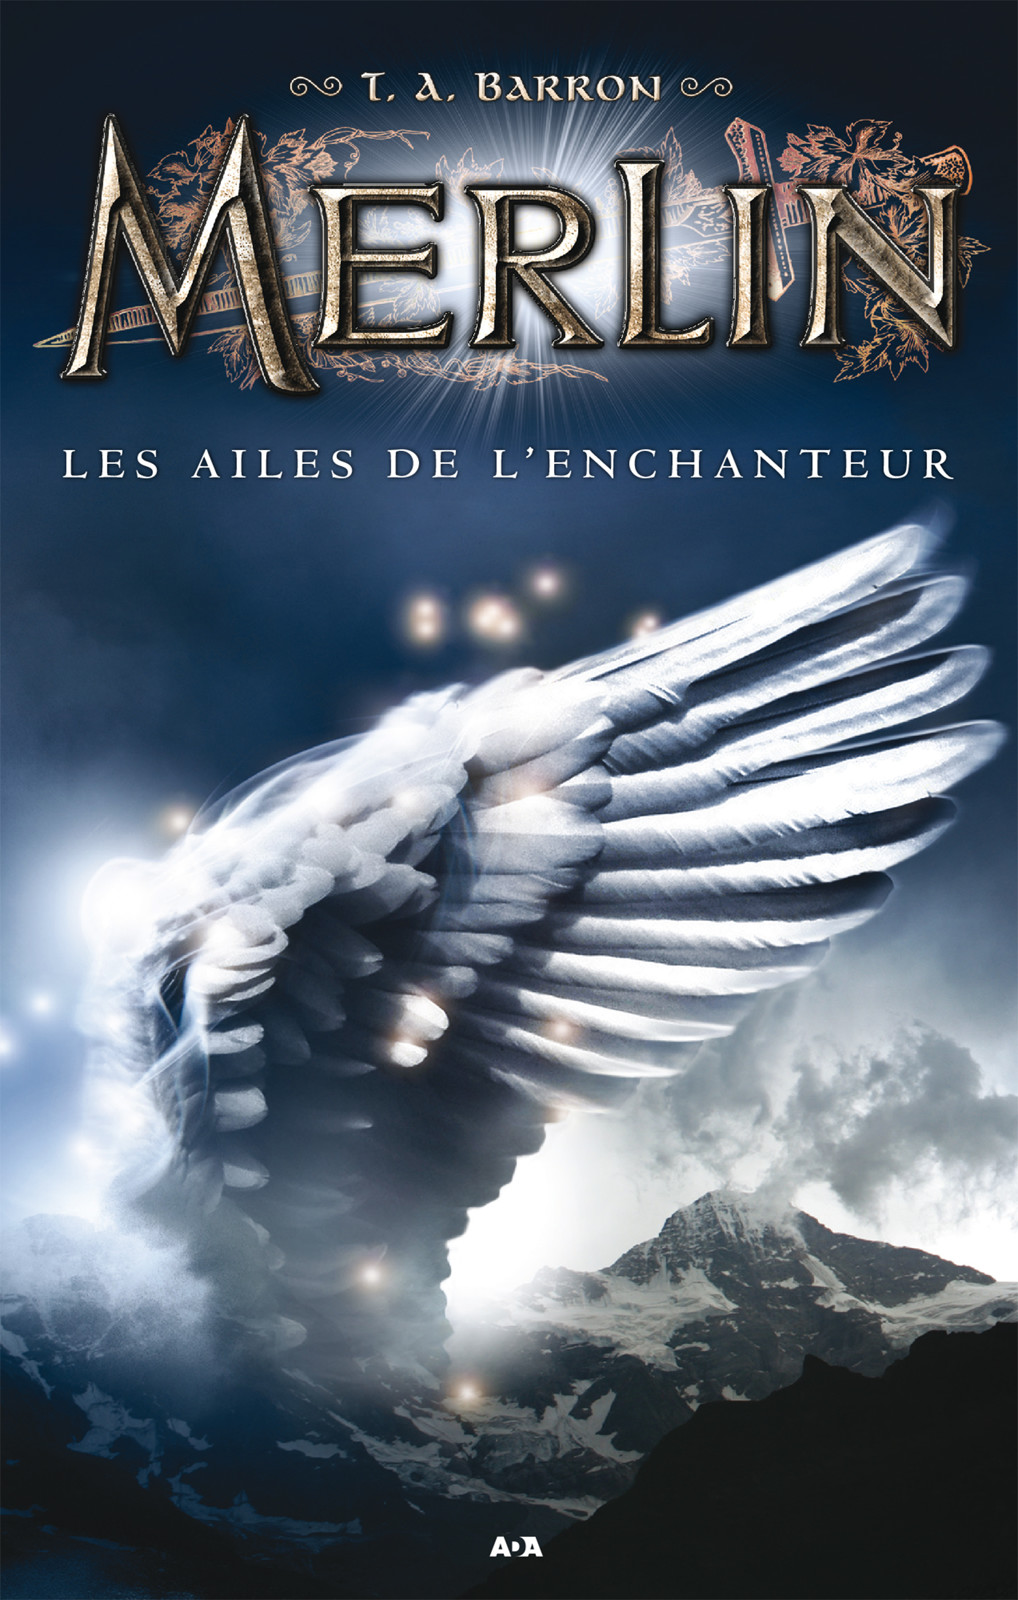 Les ailes de l'enchanteur